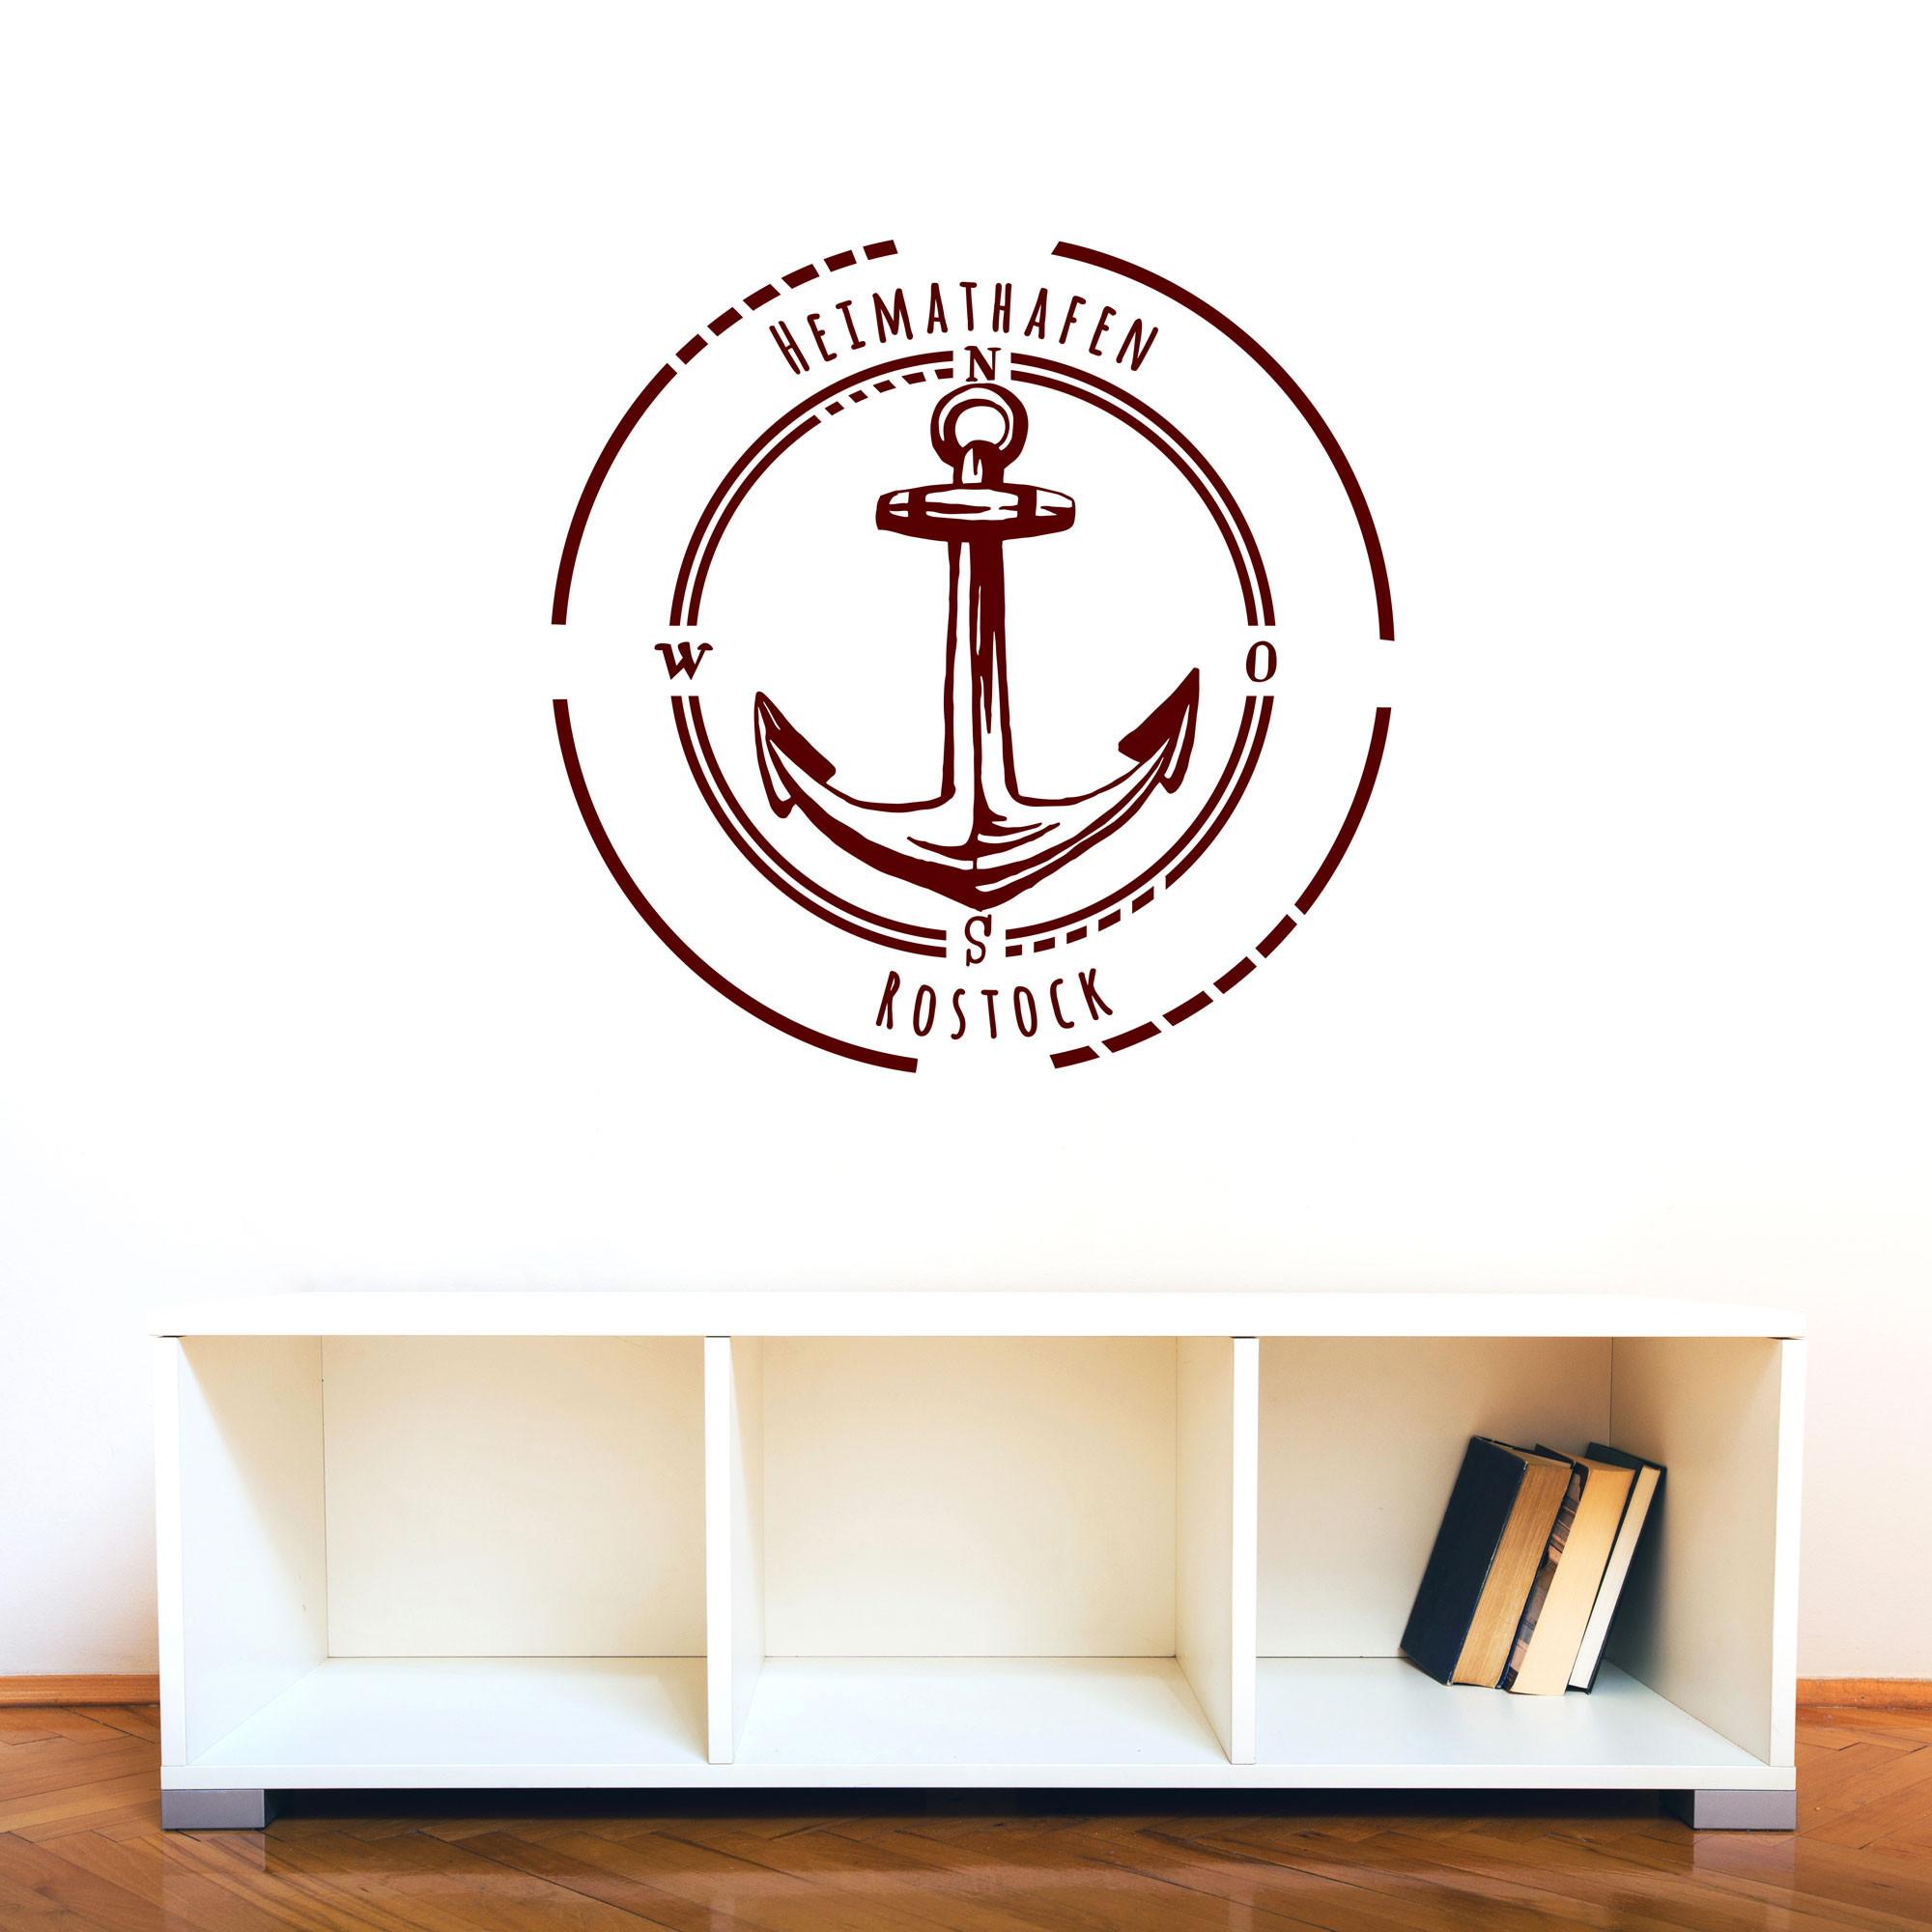 wandtattoo heimathafen rostock mit anker im kreis maritim m2078 wandtattoos elfent r tassen. Black Bedroom Furniture Sets. Home Design Ideas